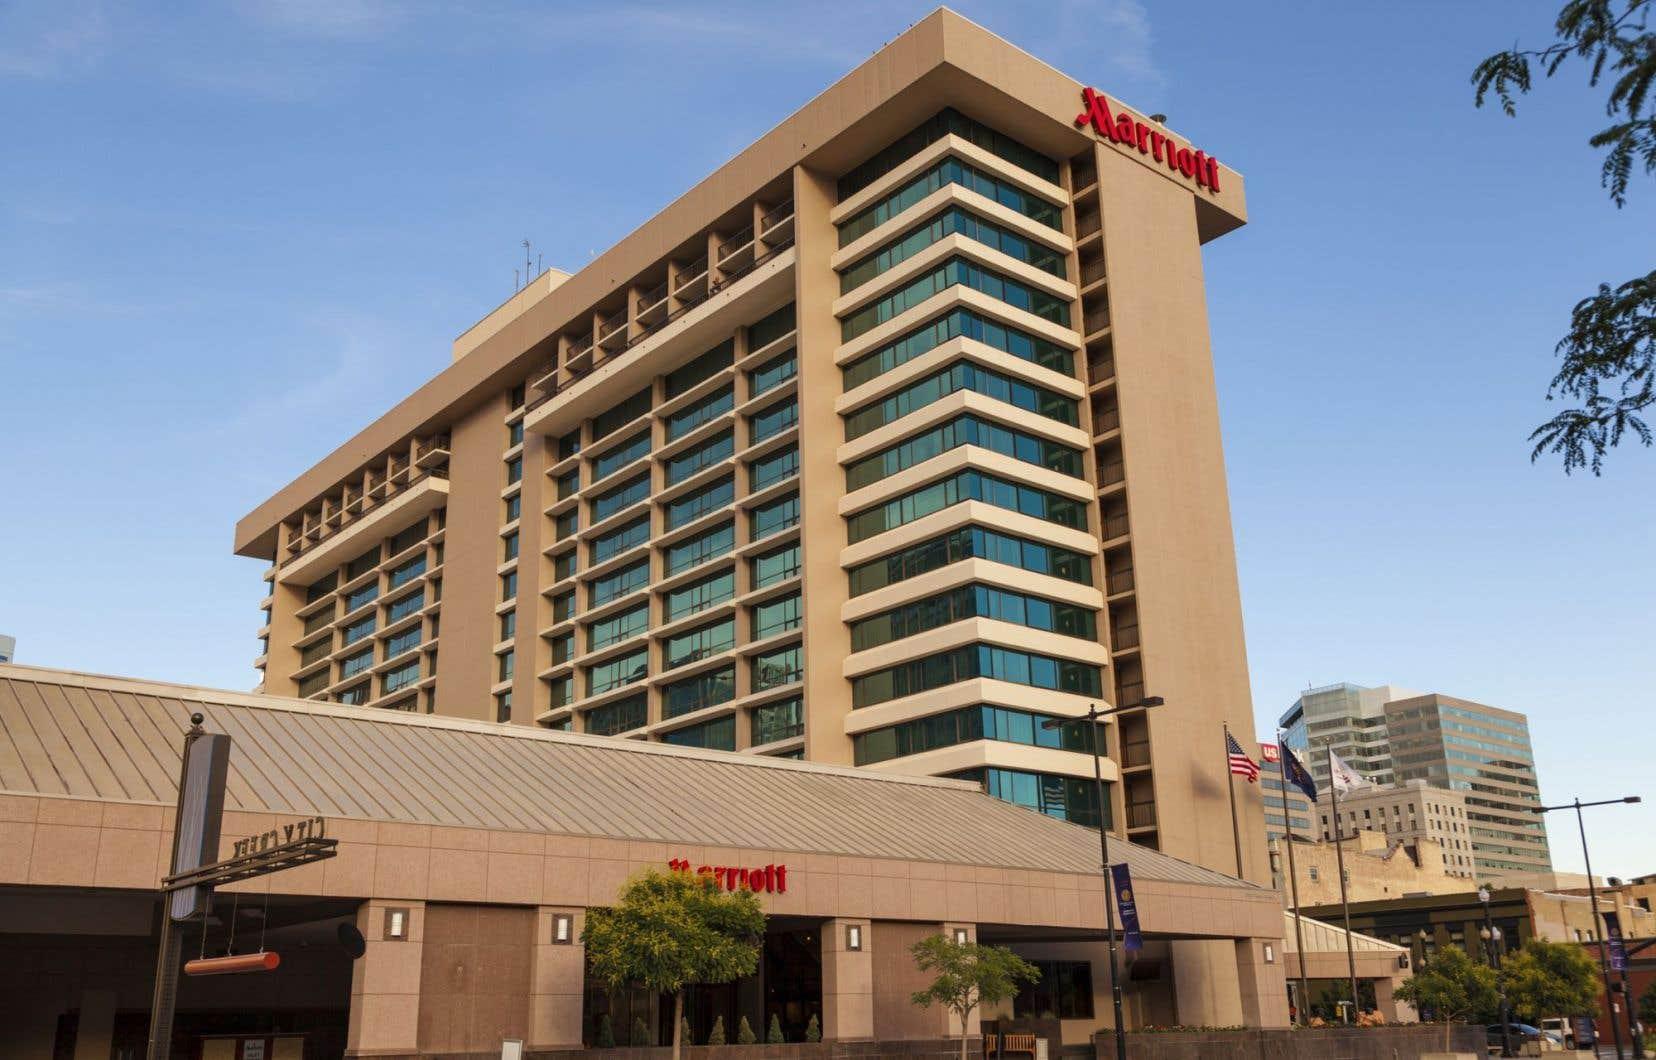 Marriott International a annoncé l'acquisition de son rival Starwood, qui en fera la plus importante chaîne hôtelière dans le monde.